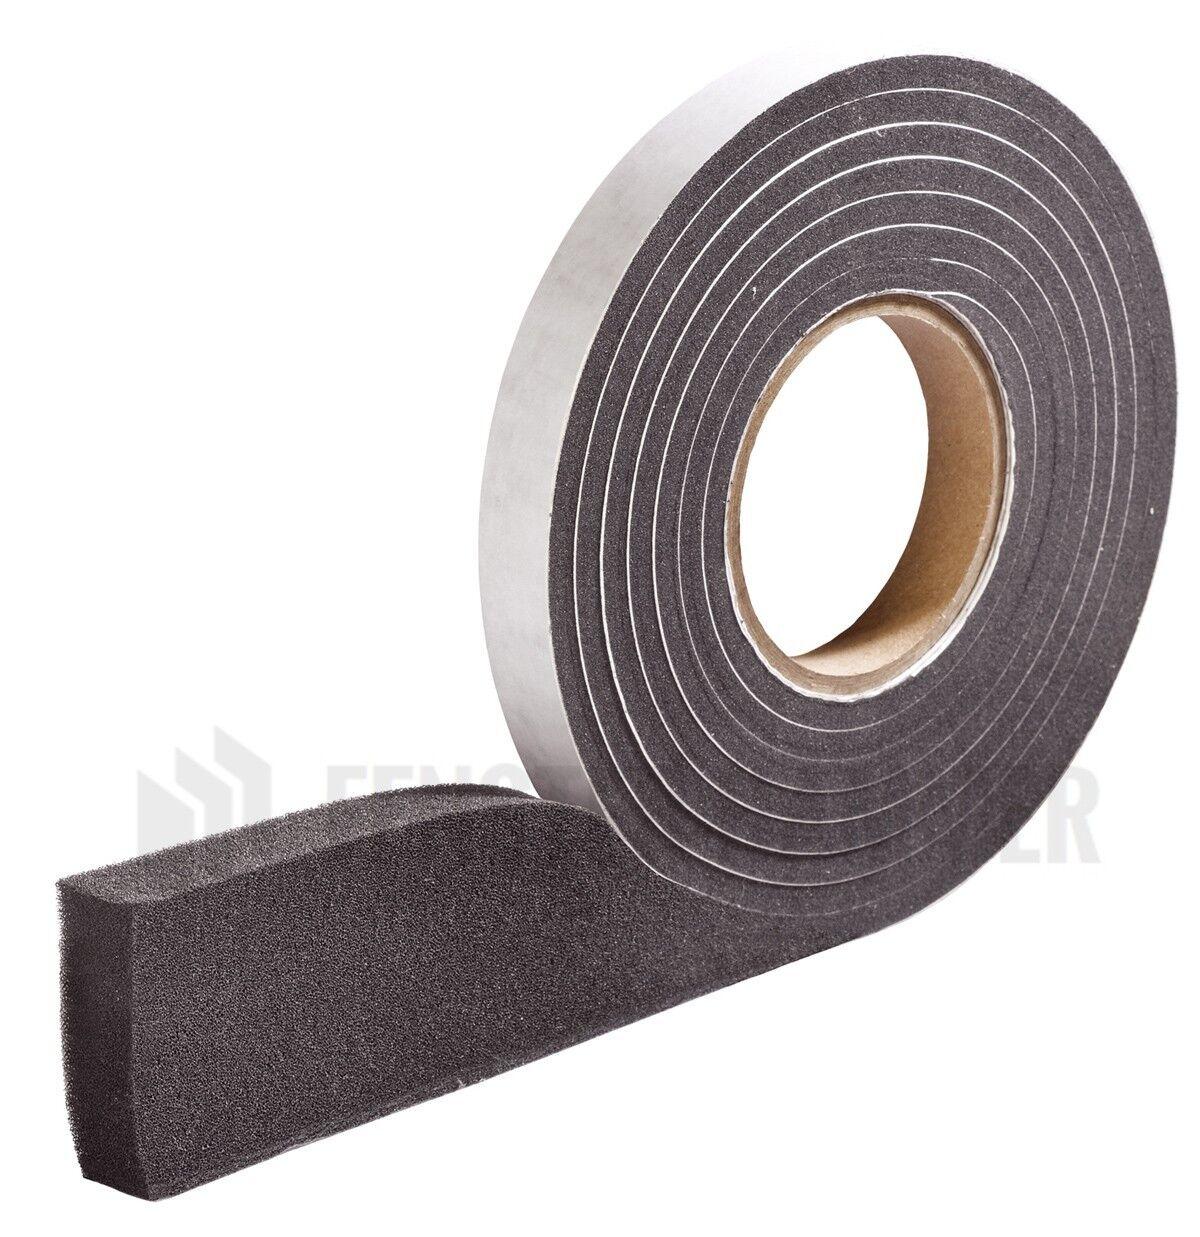 Hannoband BG1 Kompriband 600 Fugendichtband Quellband Fensterband grau-18 Größen